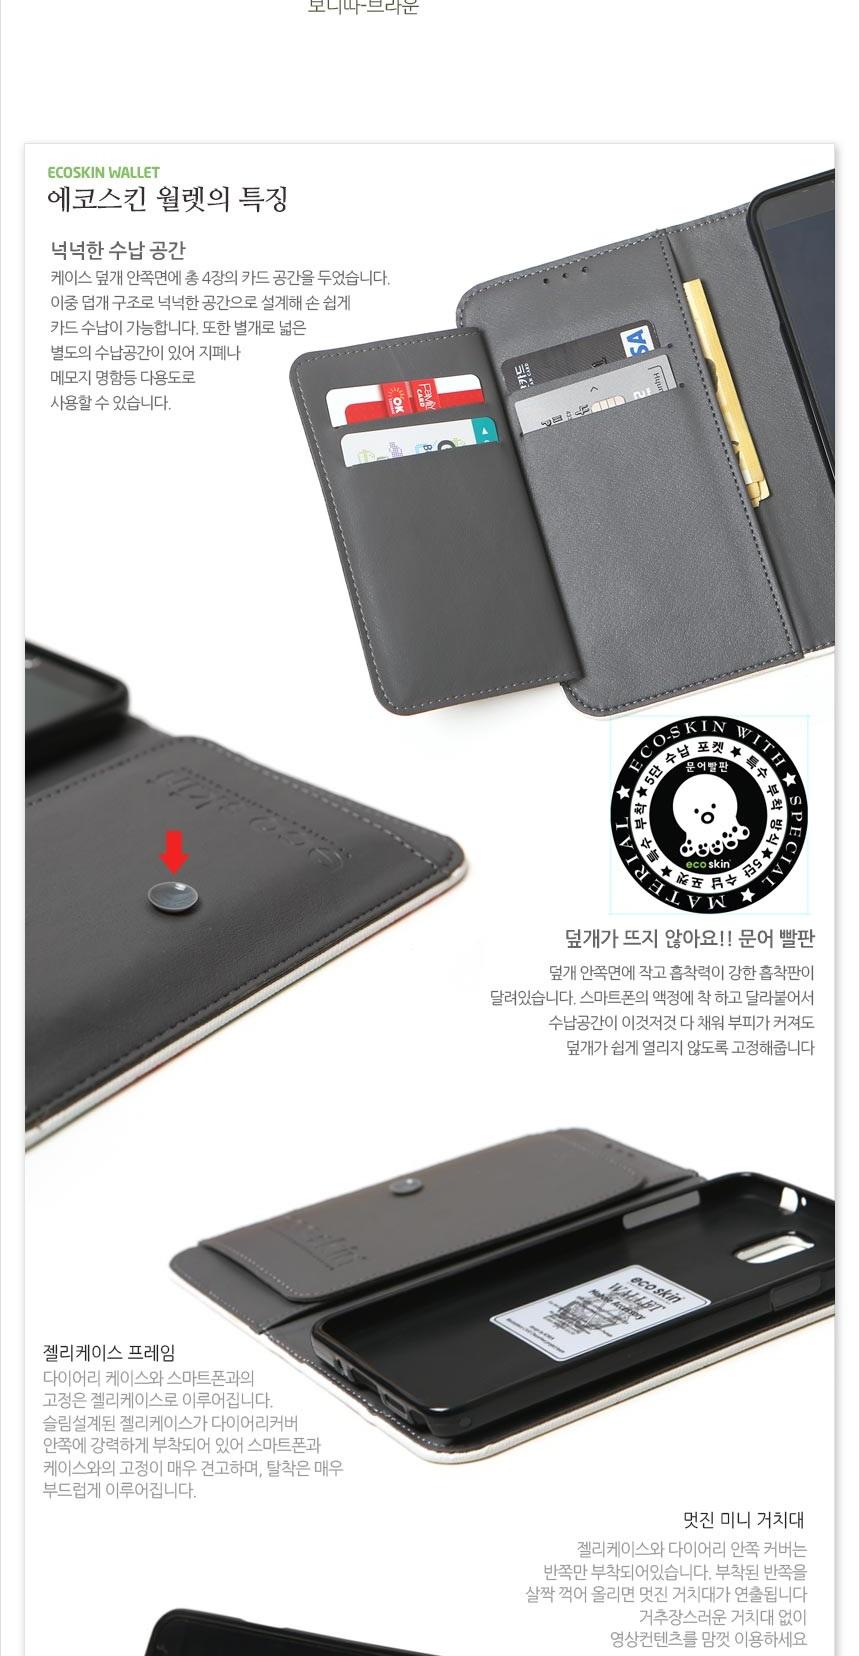 아이폰X 지갑케이스 보니따 - 오프리, 14,900원, 케이스, 아이폰X